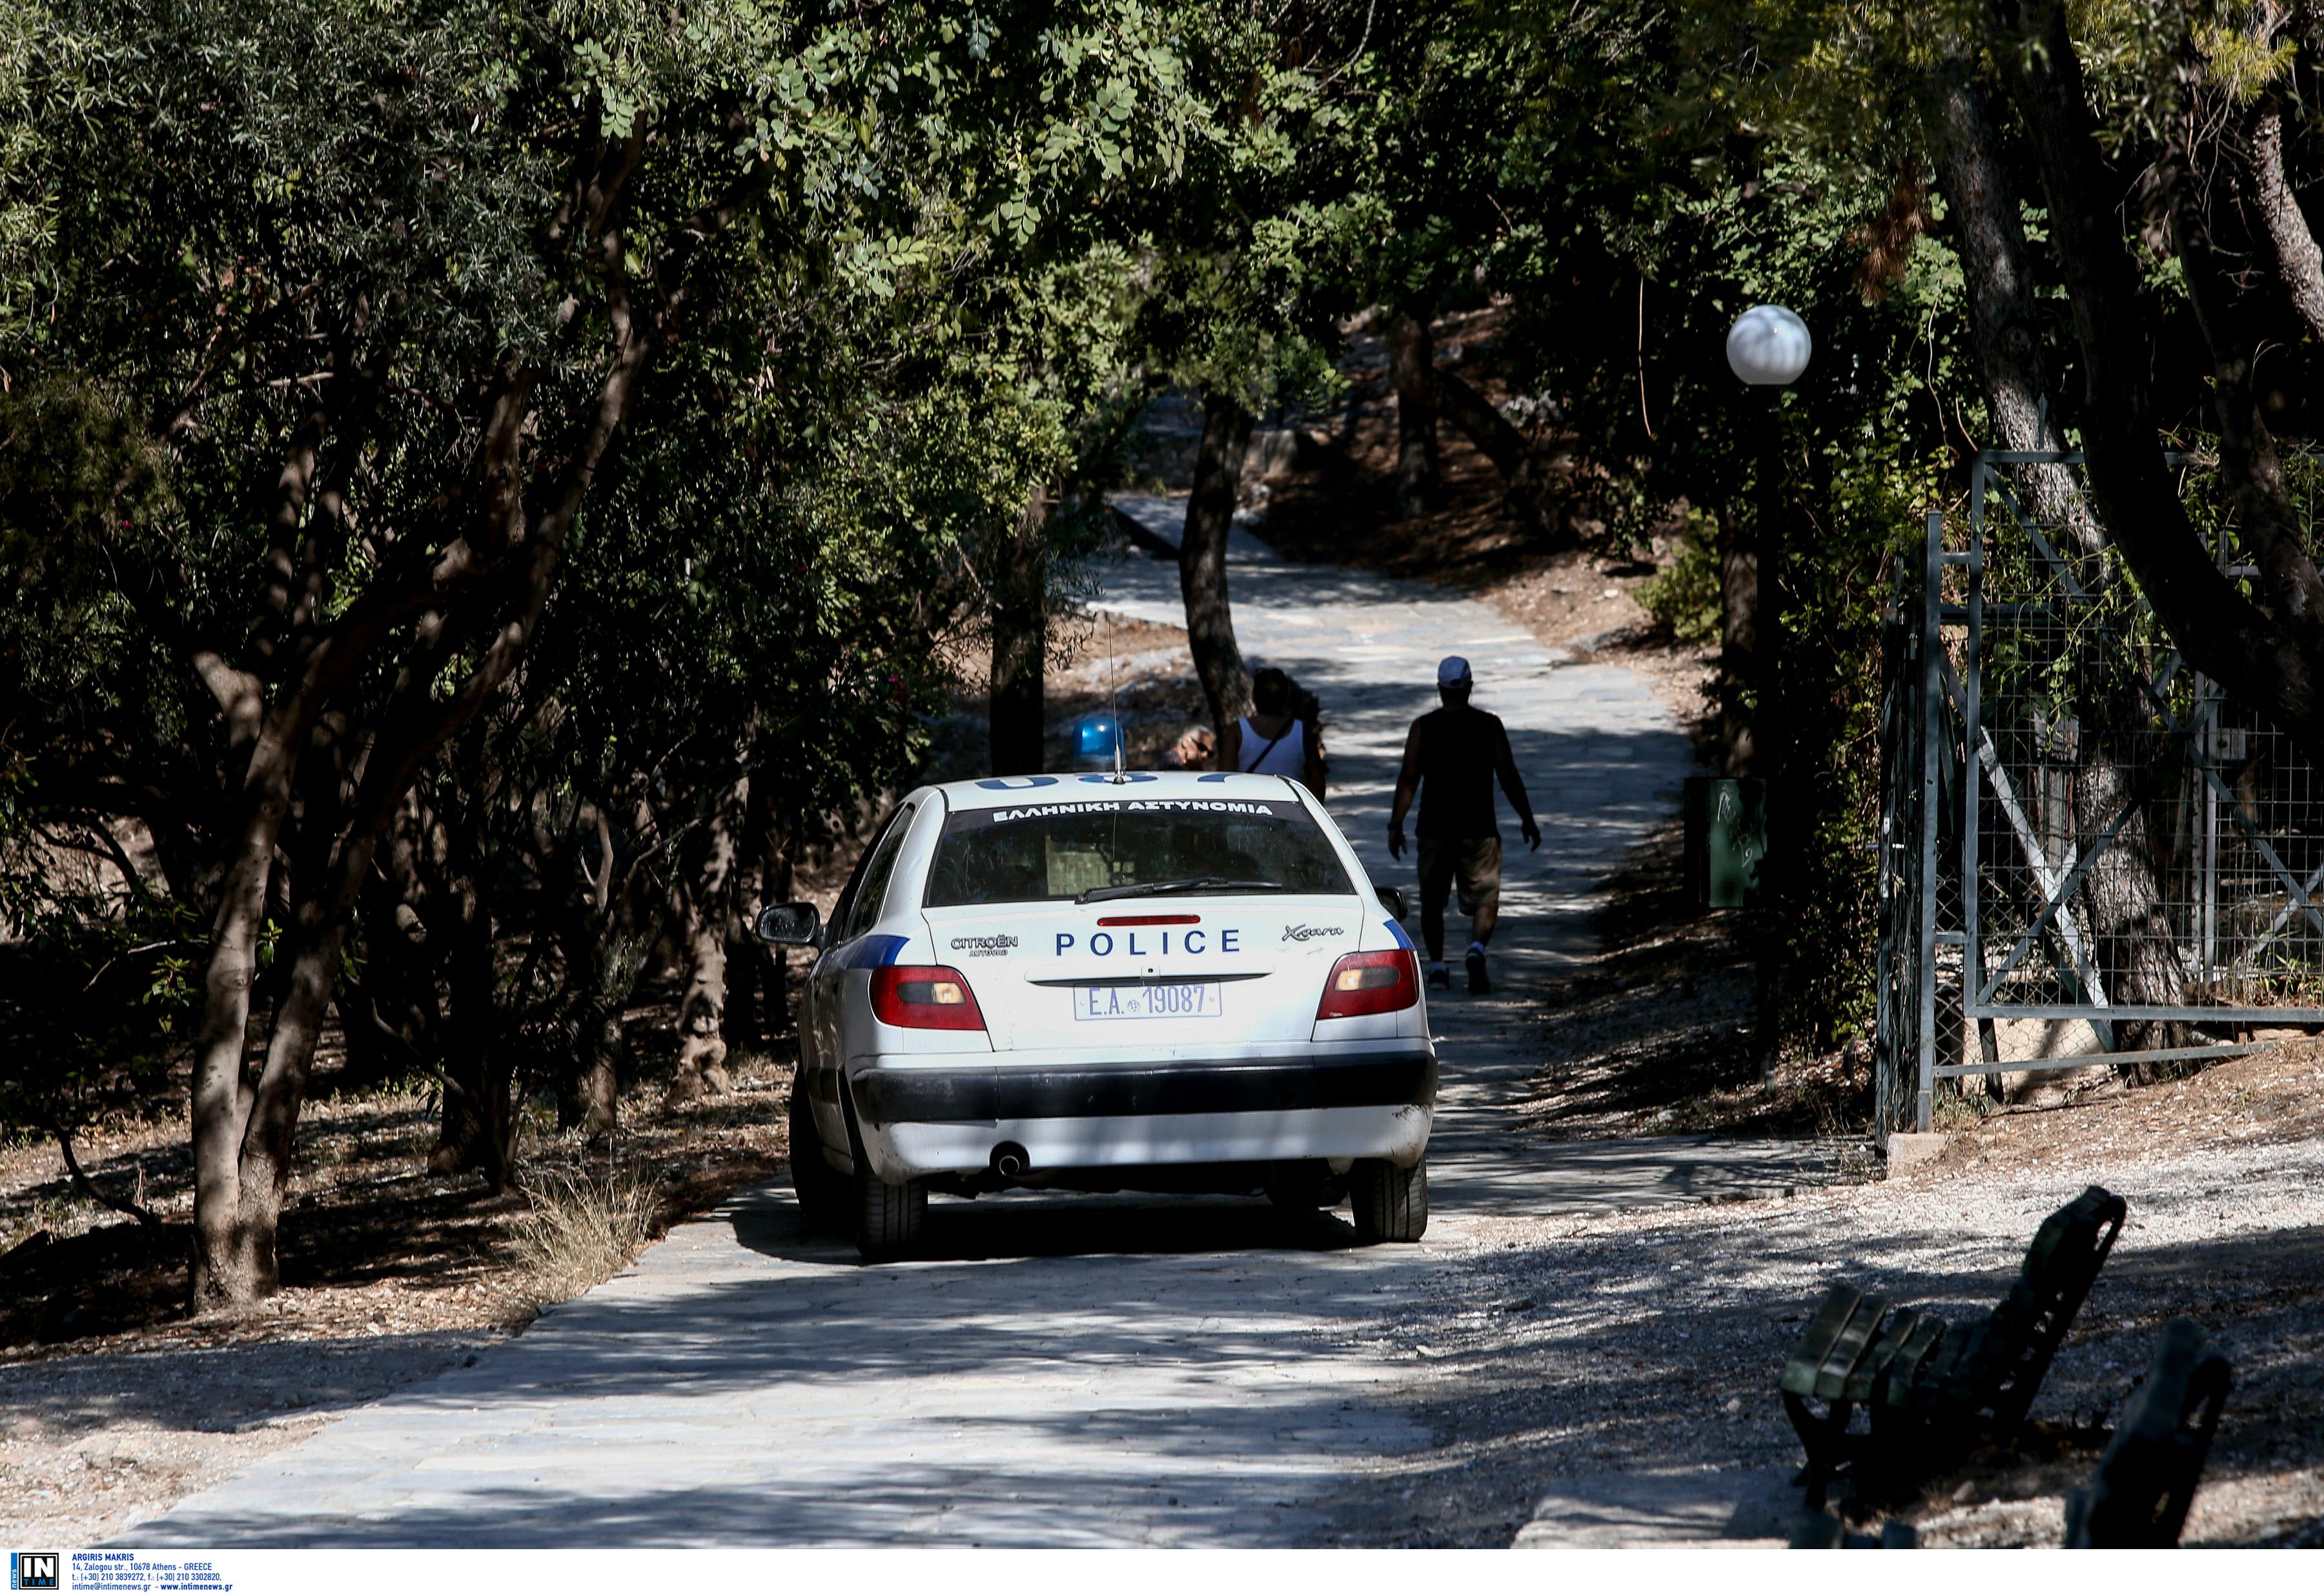 20 προσαγωγές σε καταυλισμούς Ρομά στο Ηράκλειο! Βρήκαν κλοπιμαία που η αξία τους ξεπερνά τα 40.000 ευρώ